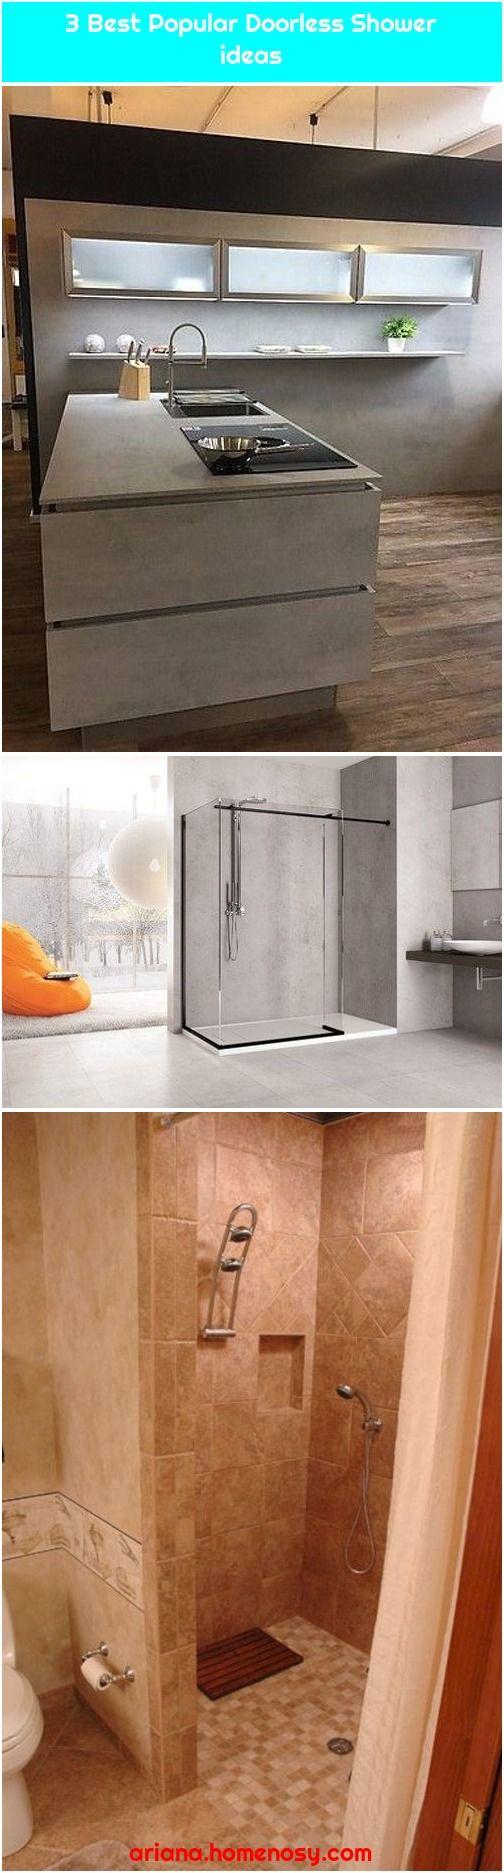 3 Best Popular Doorless Shower Ideas Doorless Shower Shower Elegant Kitchens